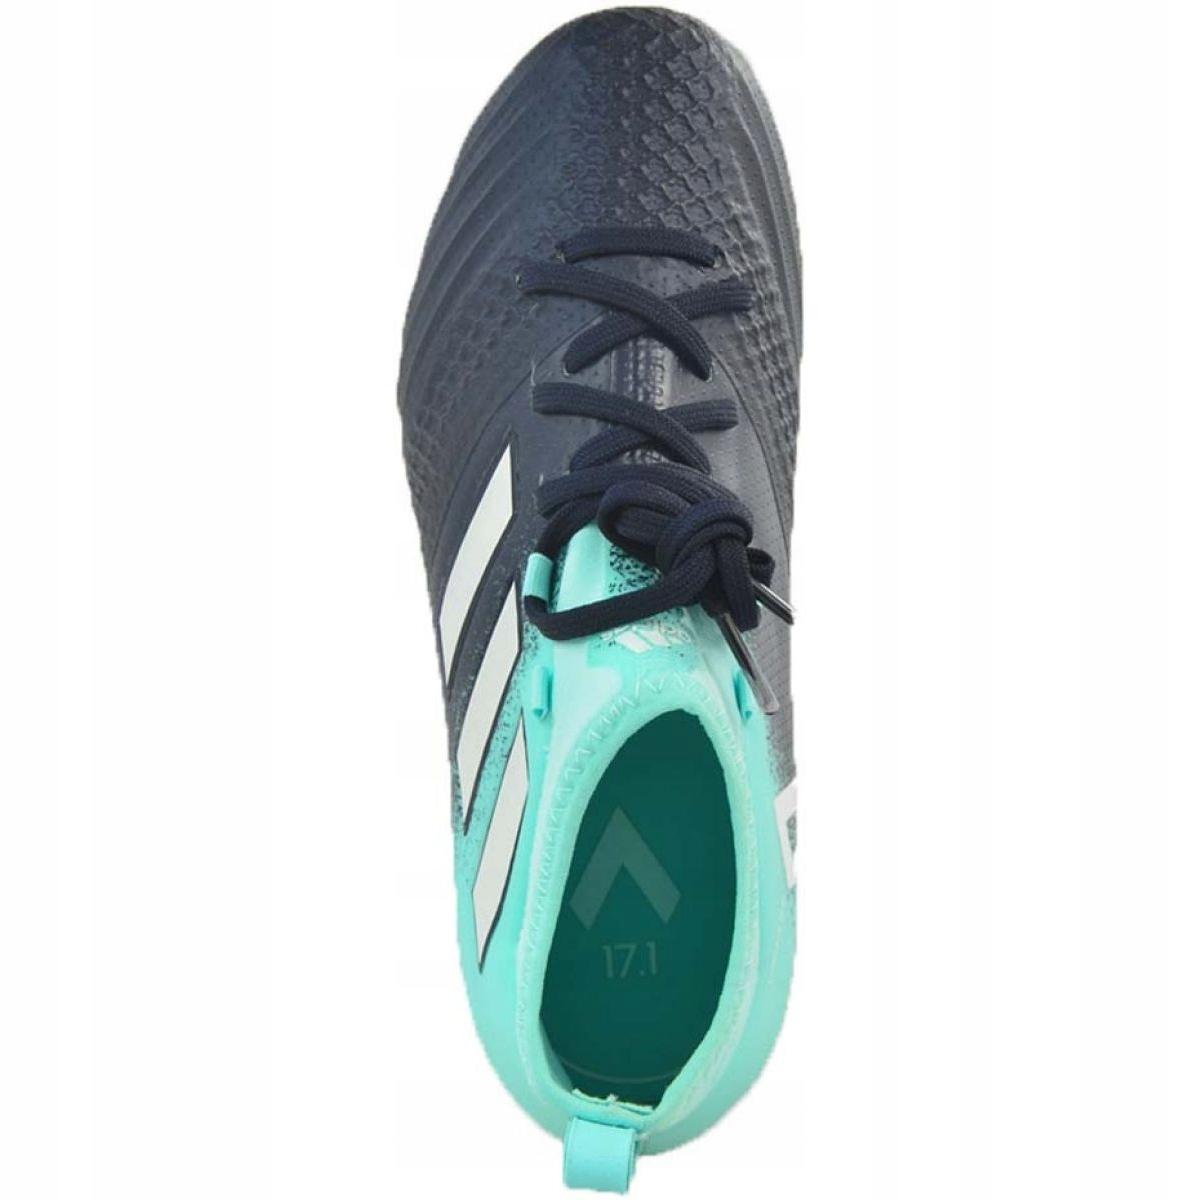 quality design ca217 19a82 Adidas Ace 17.1 Fg Jr S77040 football shoes